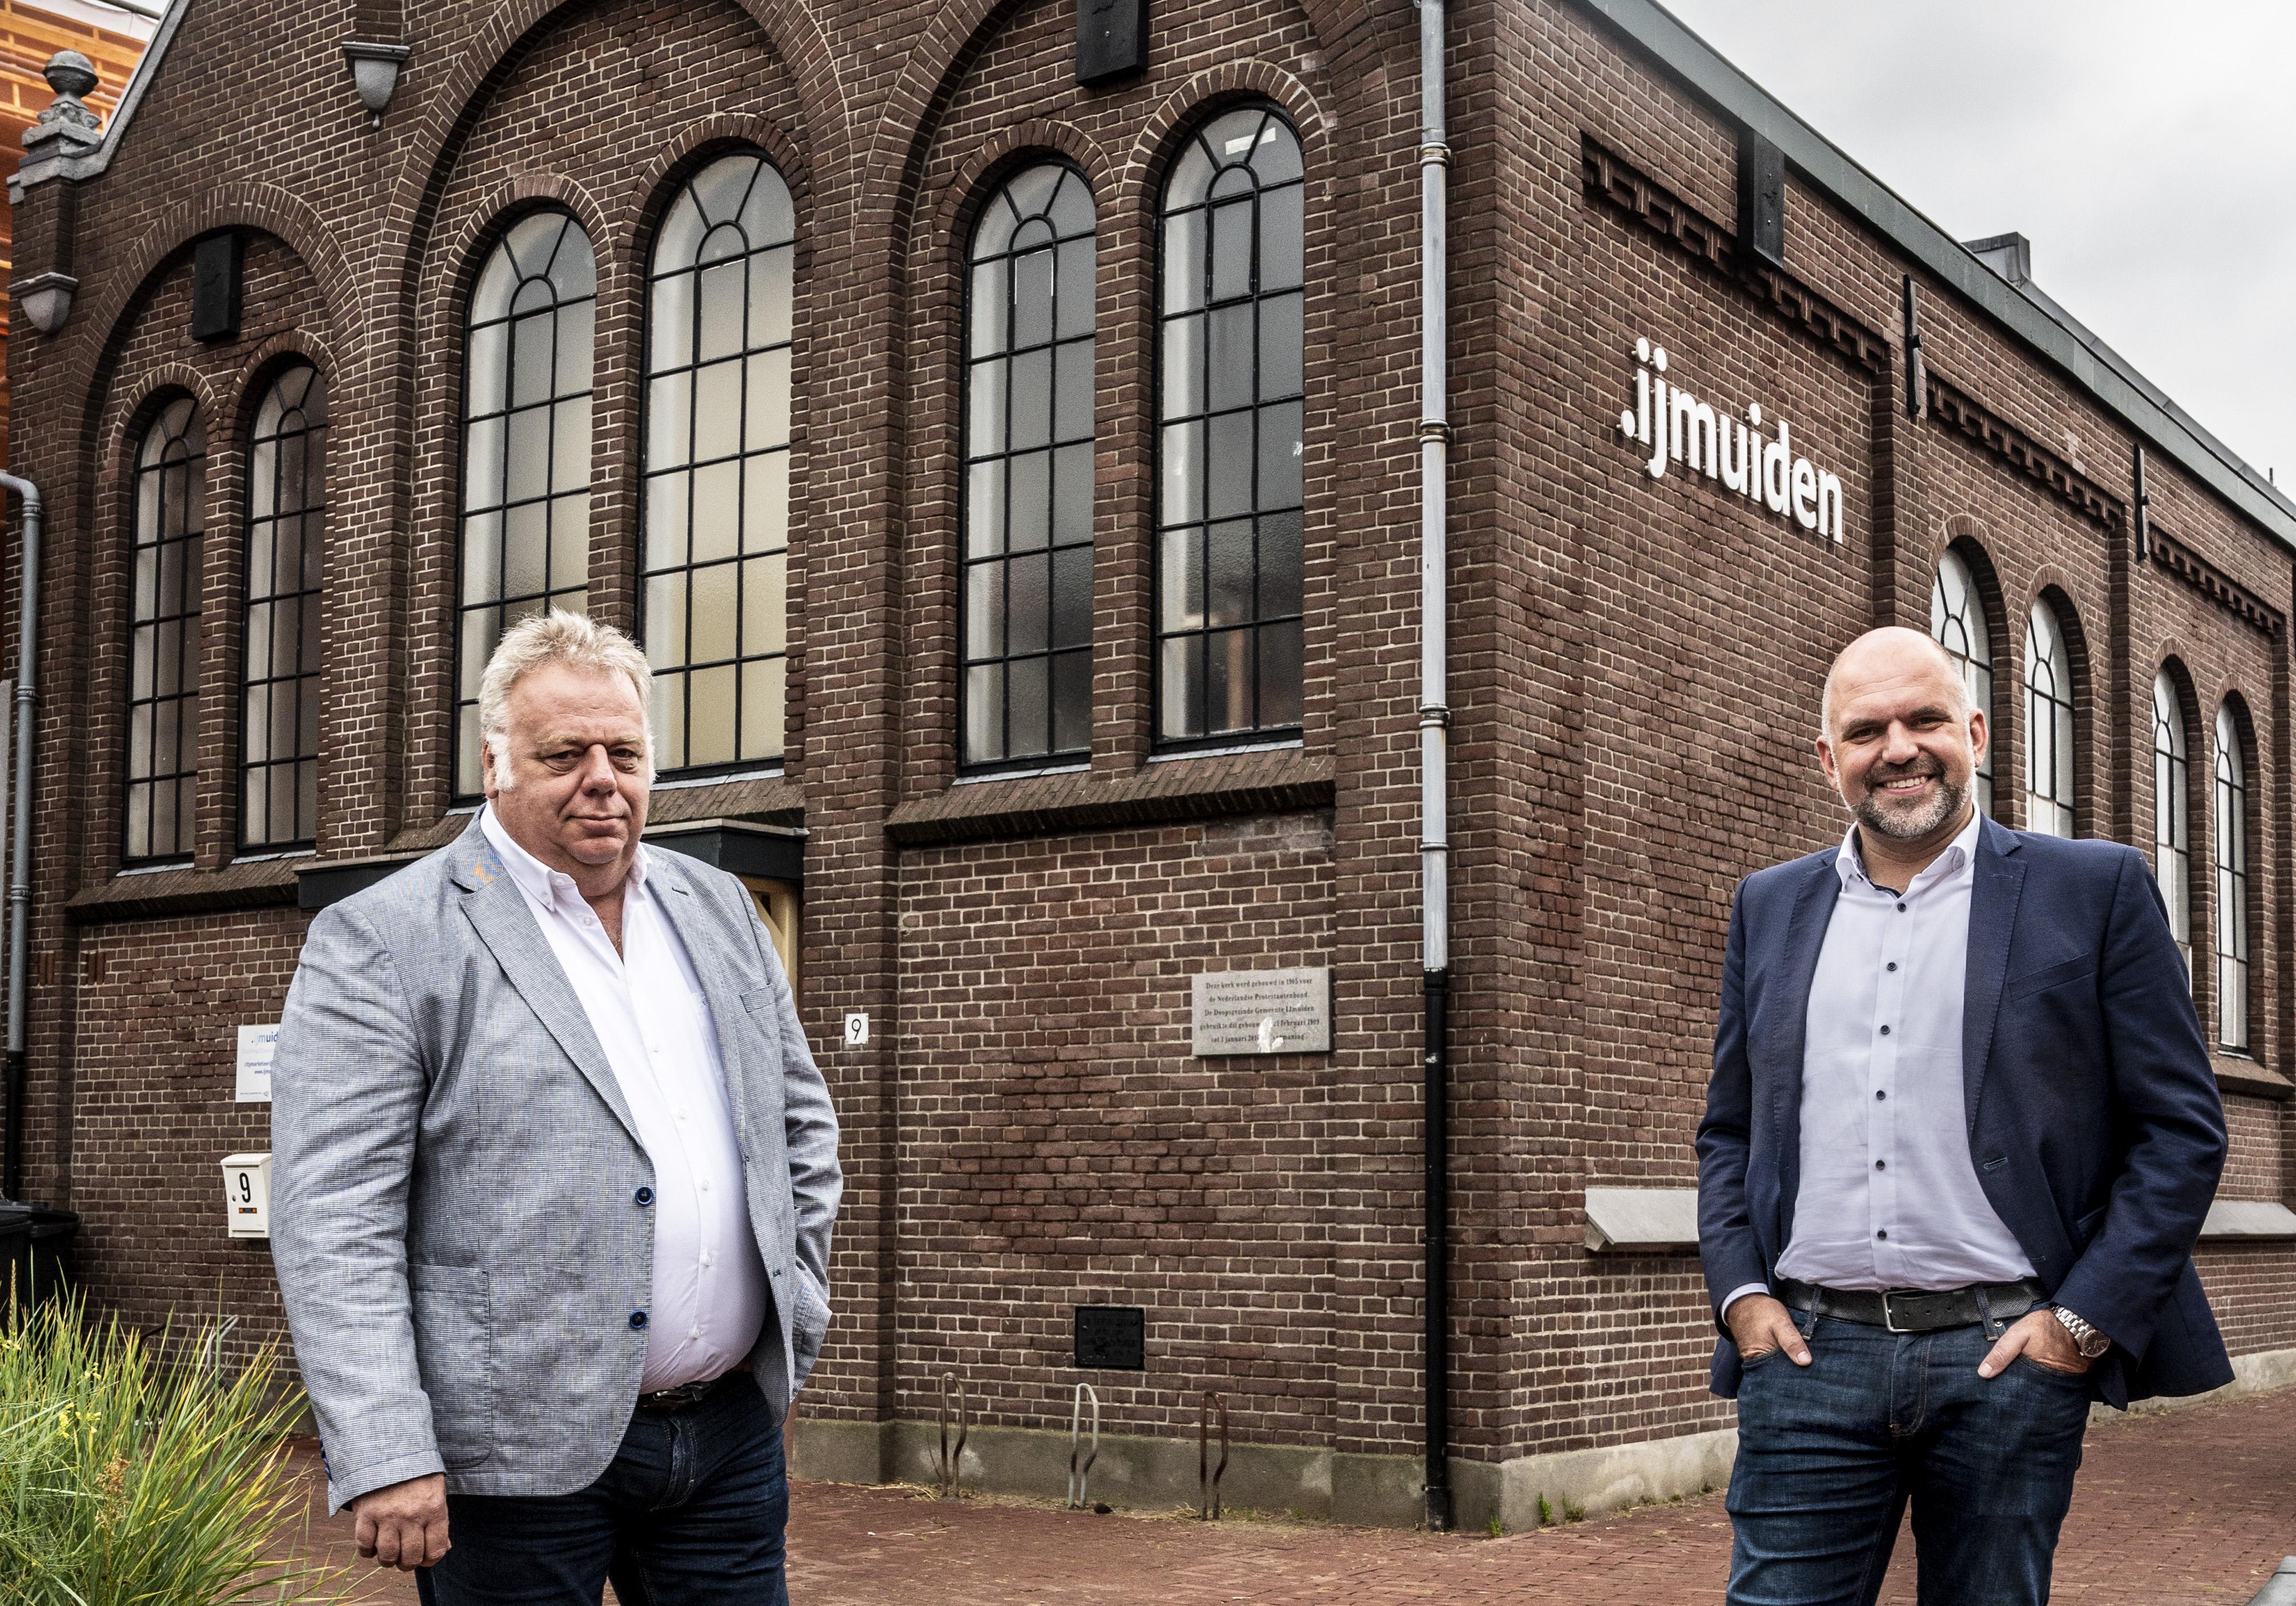 Stadspromotie verder gepromoot. Wethouder Jeroen Verwoort en 'nachtburgemeester' Bas Kuntz verklaren Velsen - pardon, IJmuiden de liefde